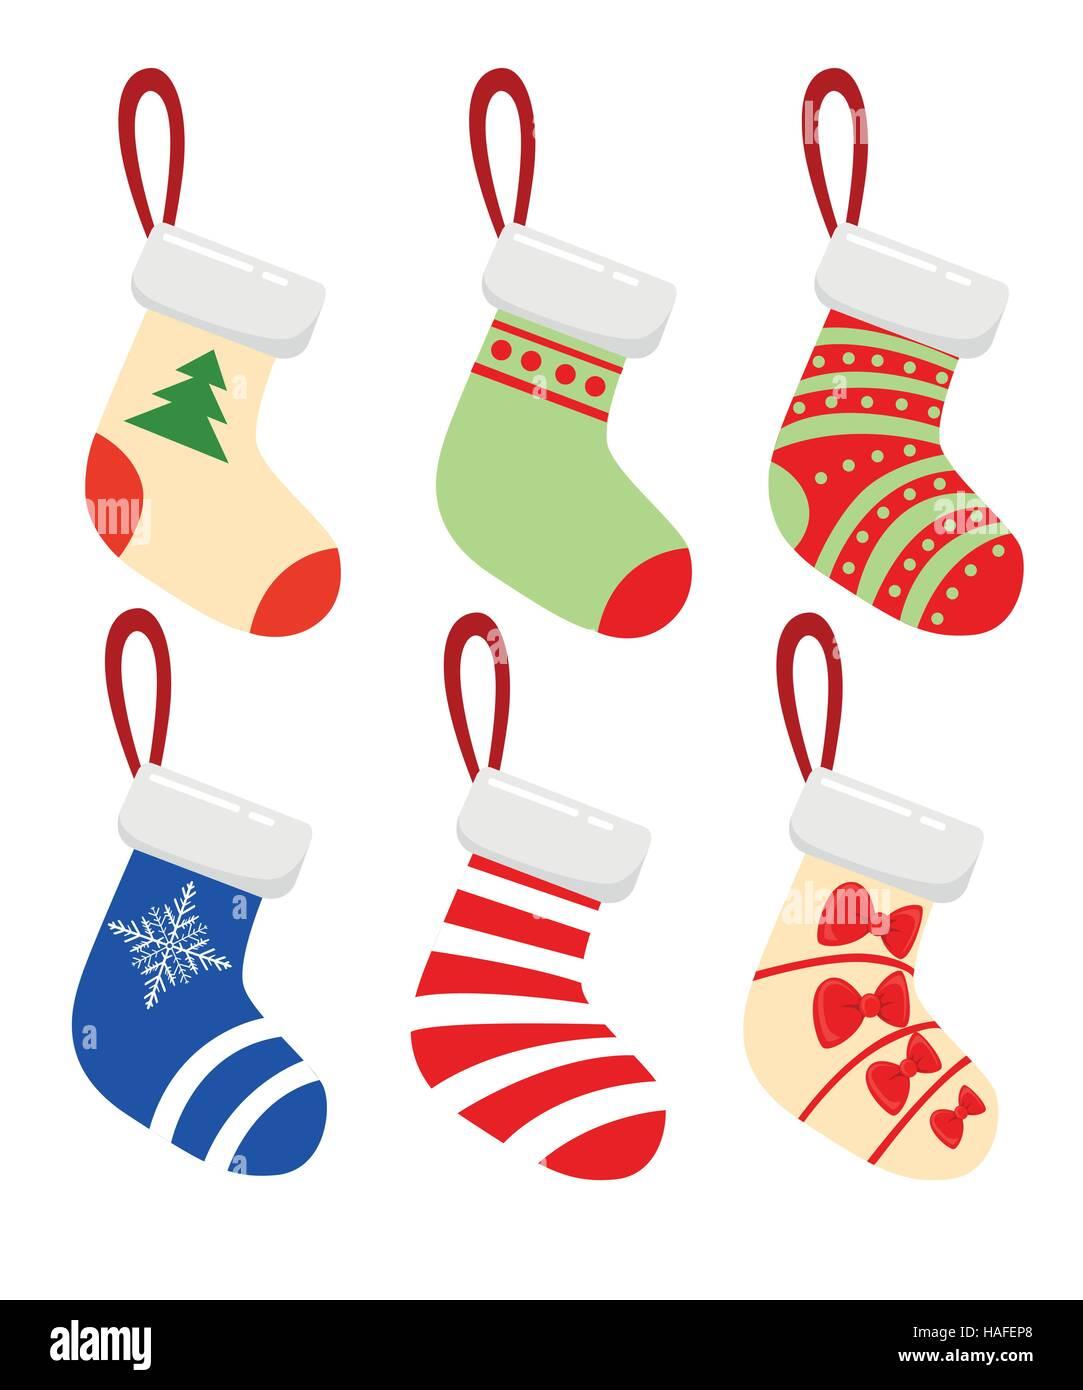 Frohe Weihnachten moderne Vektor-Illustration von Weihnachten Socken ...